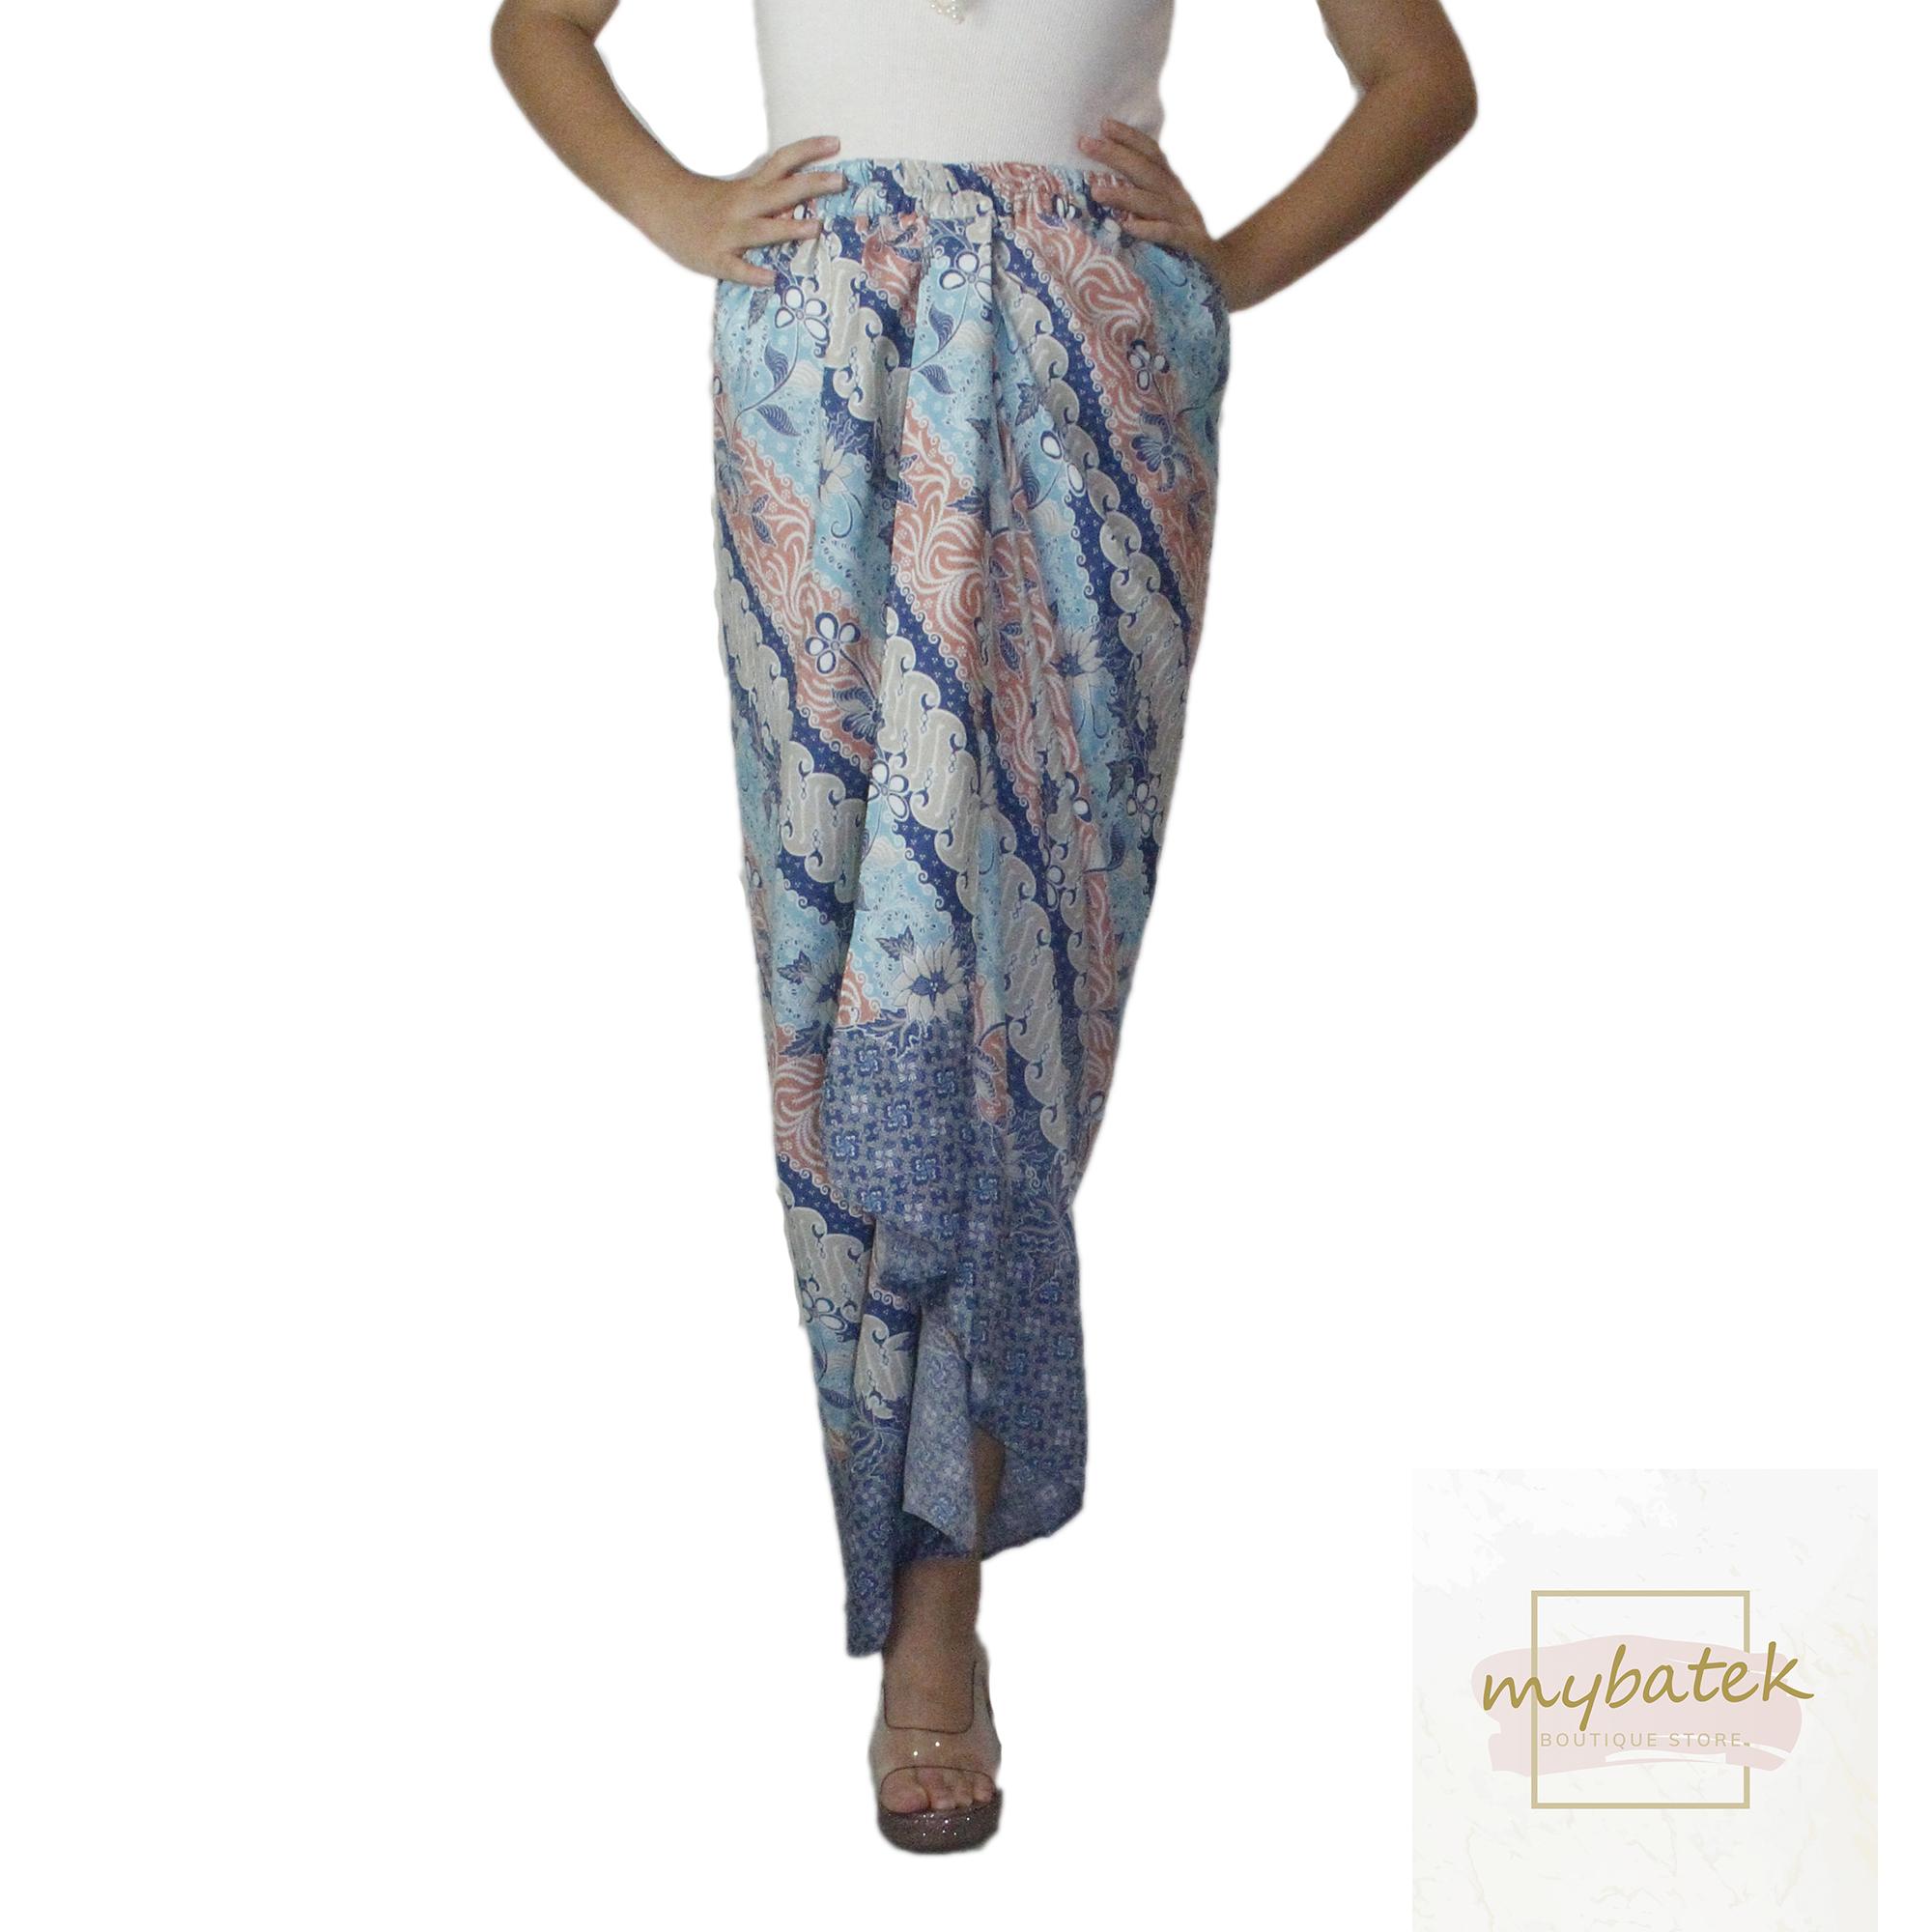 Batik Sarung Lily Skirt